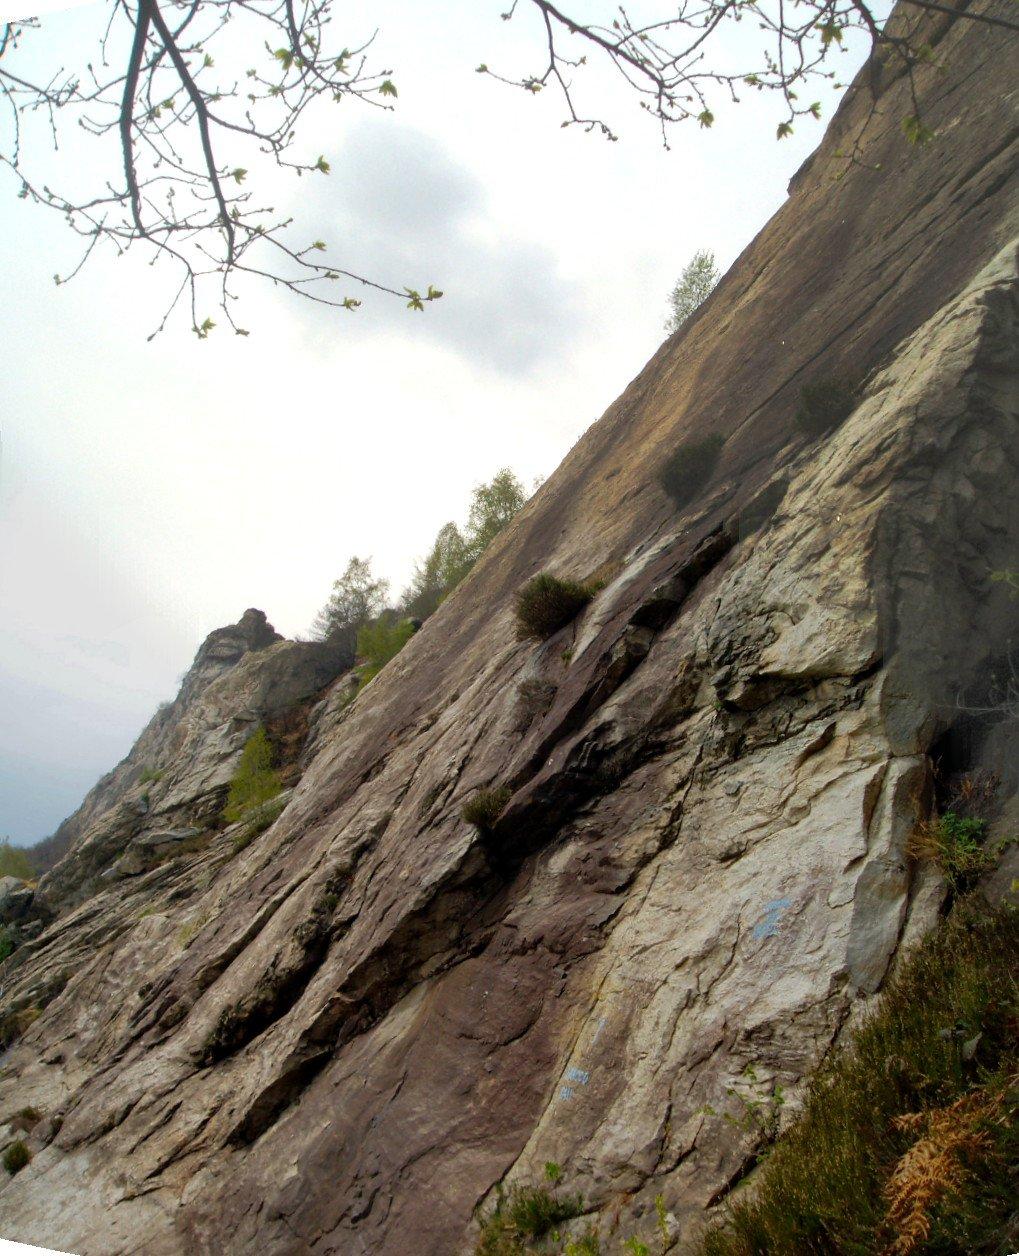 Palestra di roccia.